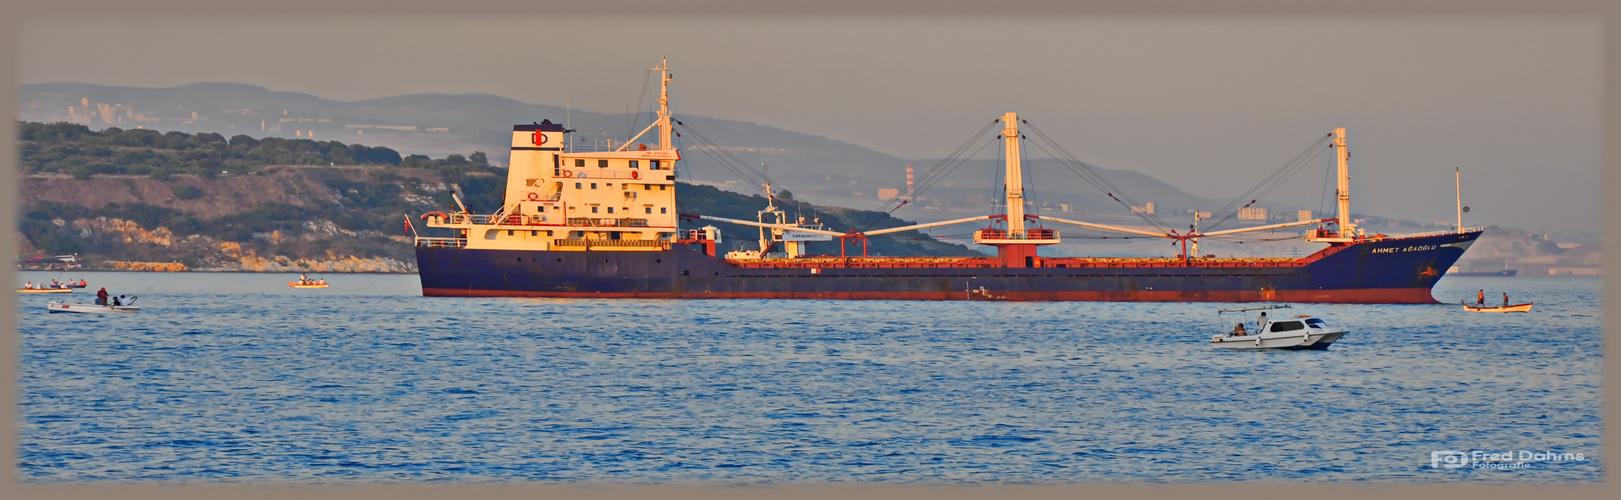 Schiff in der Bucht des Marmarameeres, Türkei